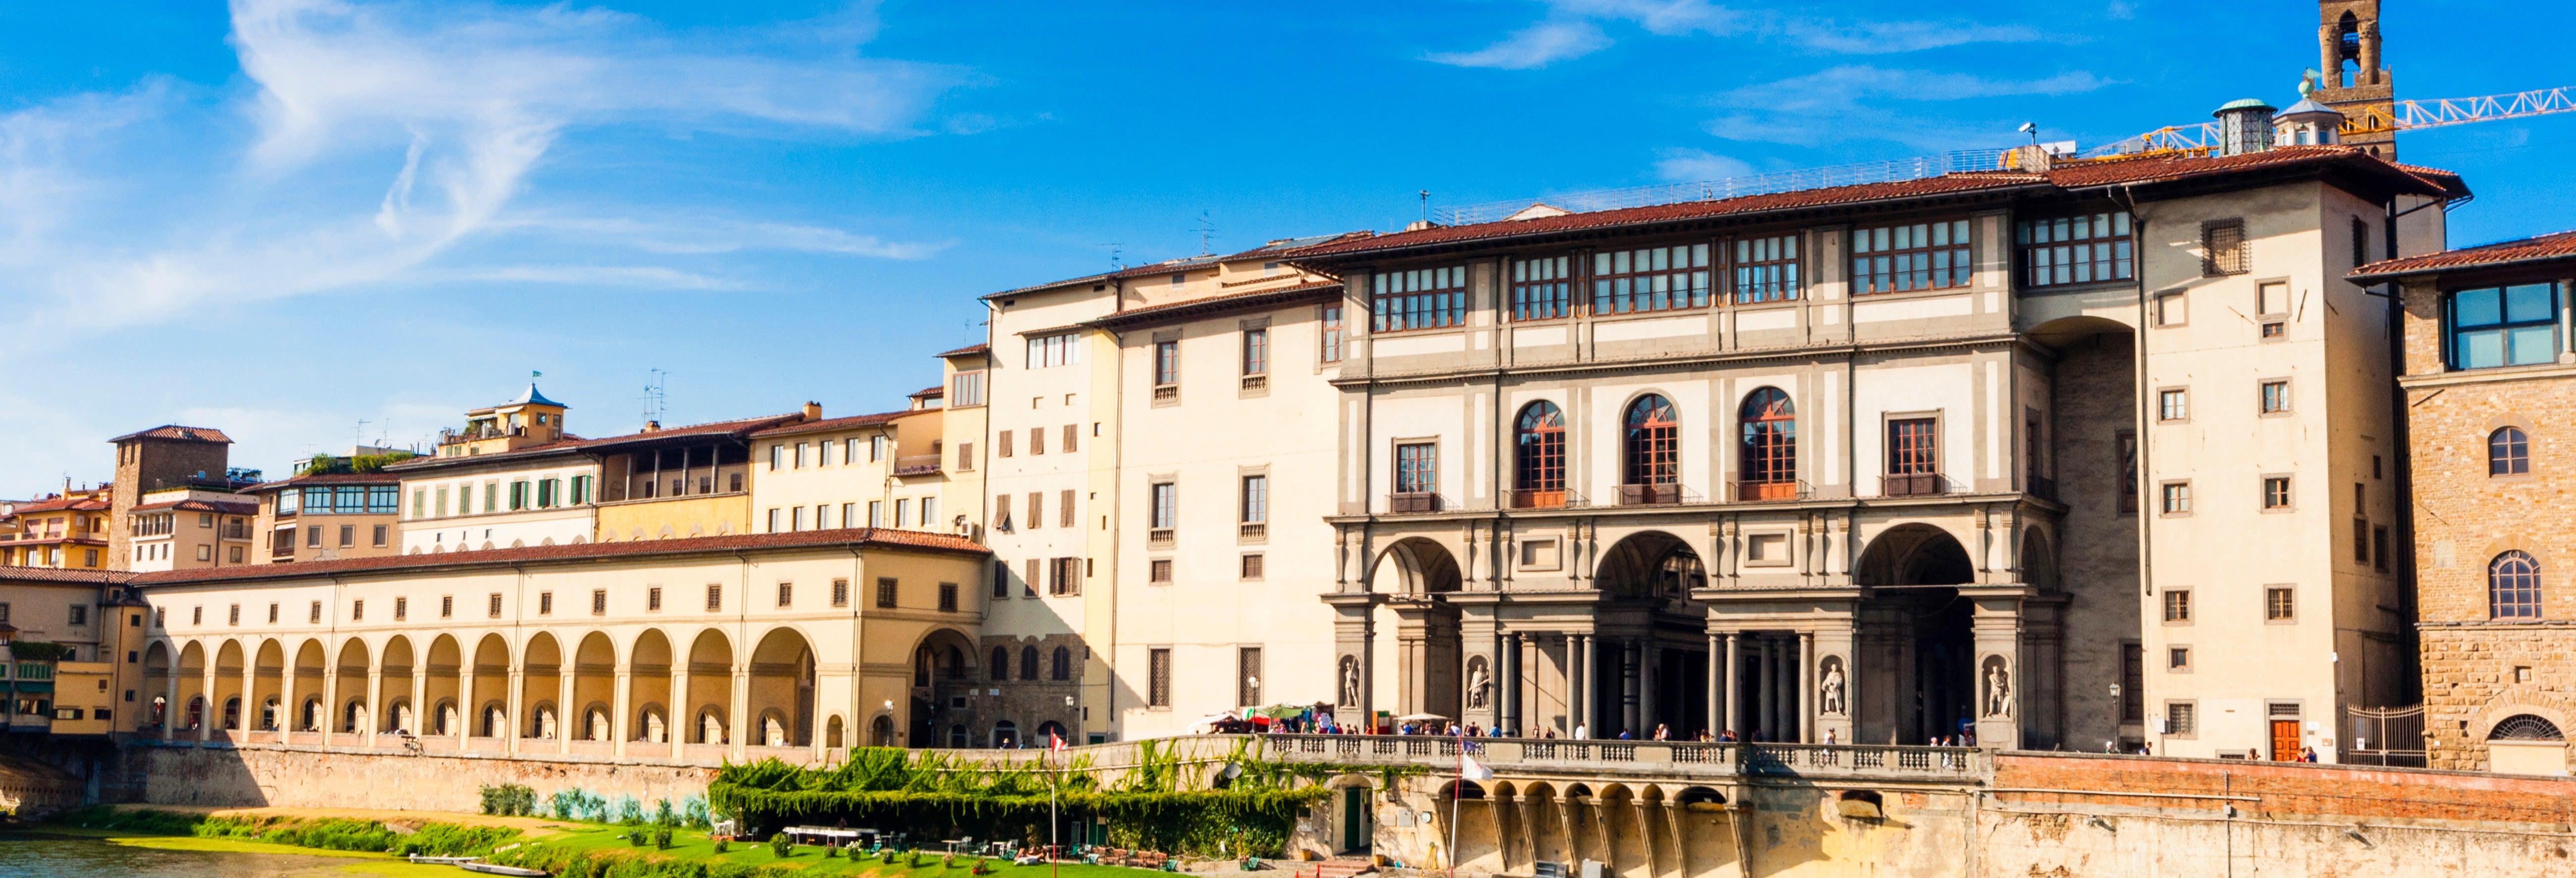 Visita guiada da Galeria Uffizi